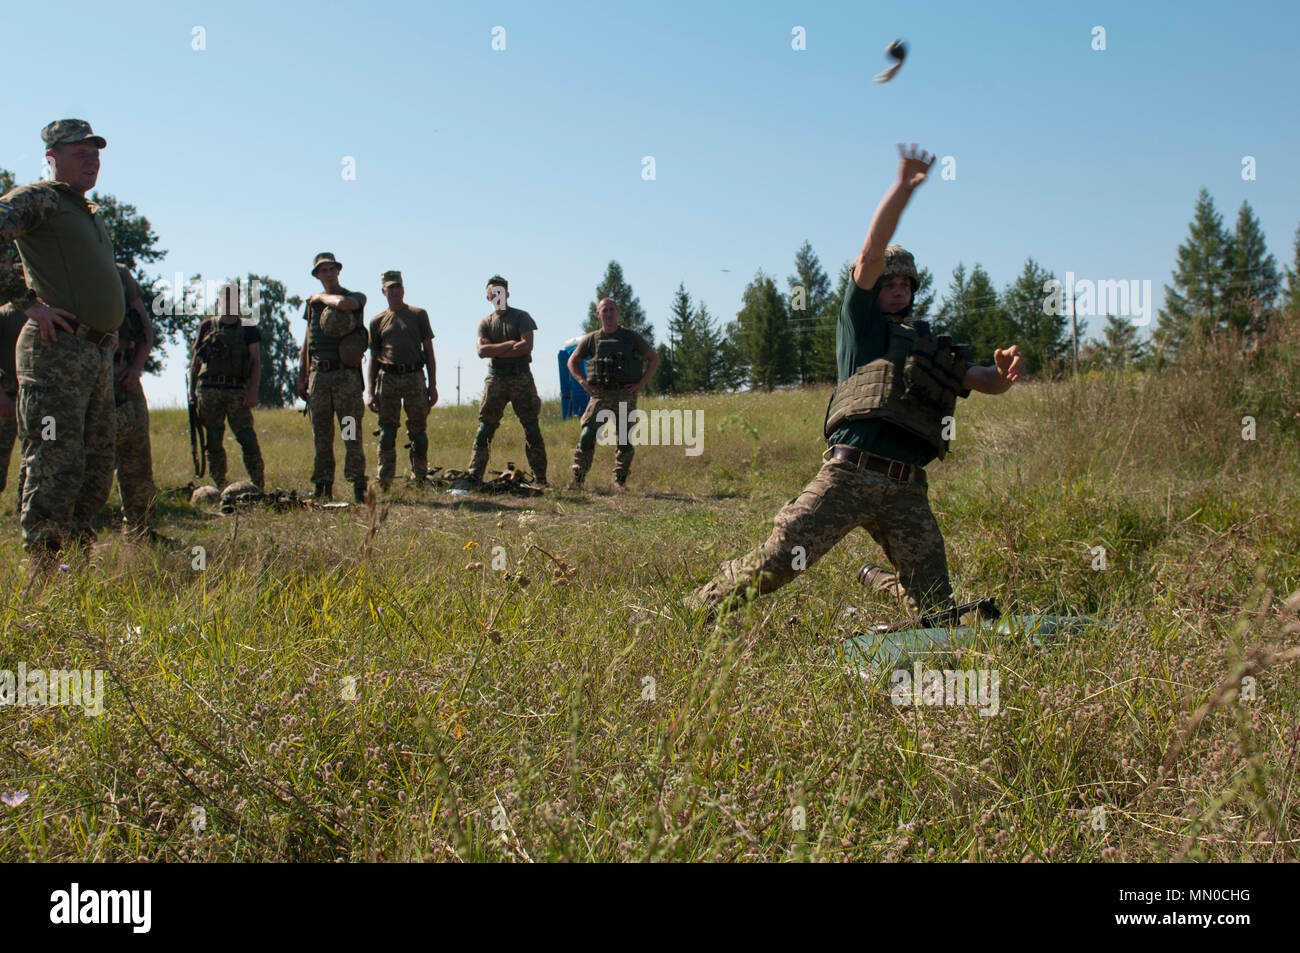 Us Army Infantry Hand Grenade Training And Live Throw – Fondos de